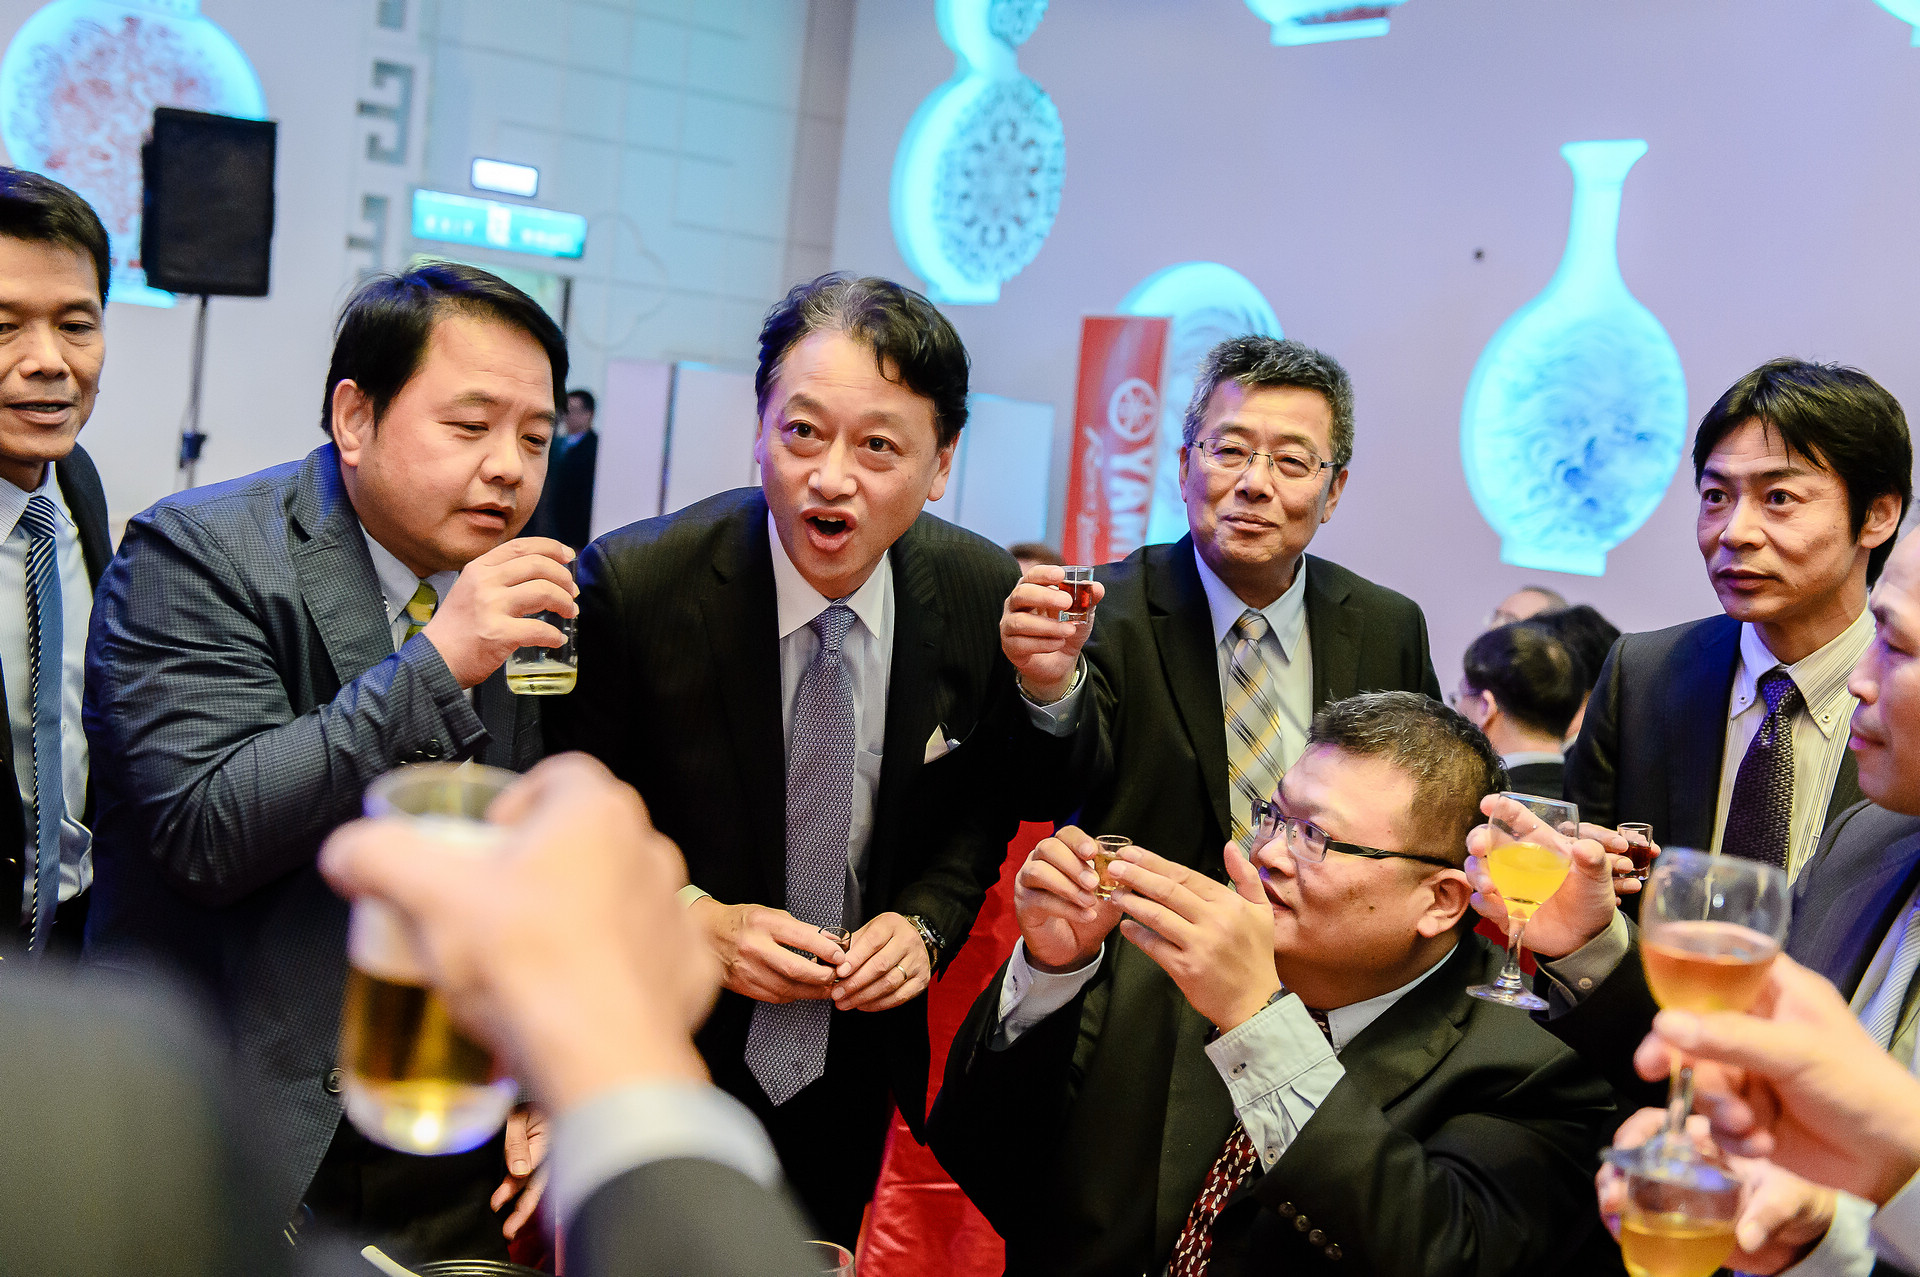 [活動攝影]YMC台灣經營幹部懇親會-婚動拍攝